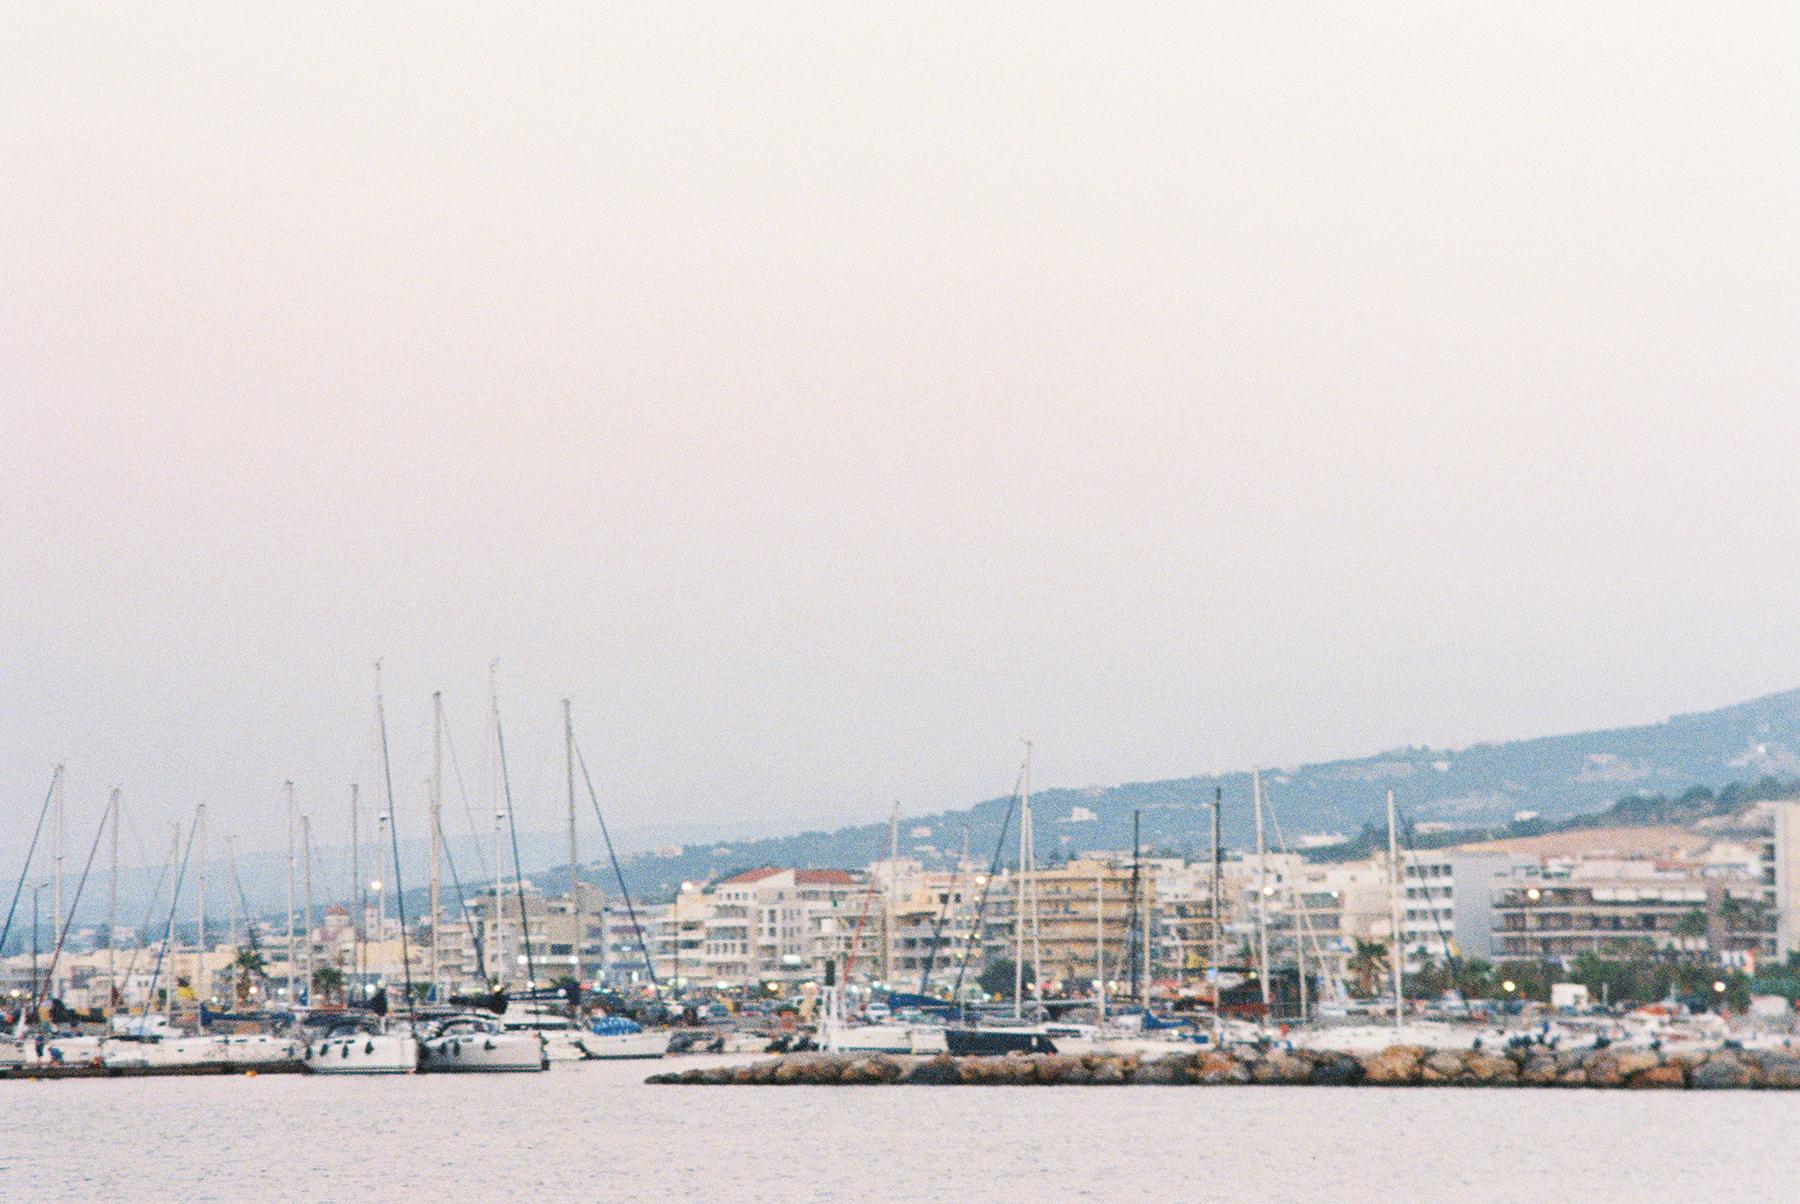 Greece_0006.JPG